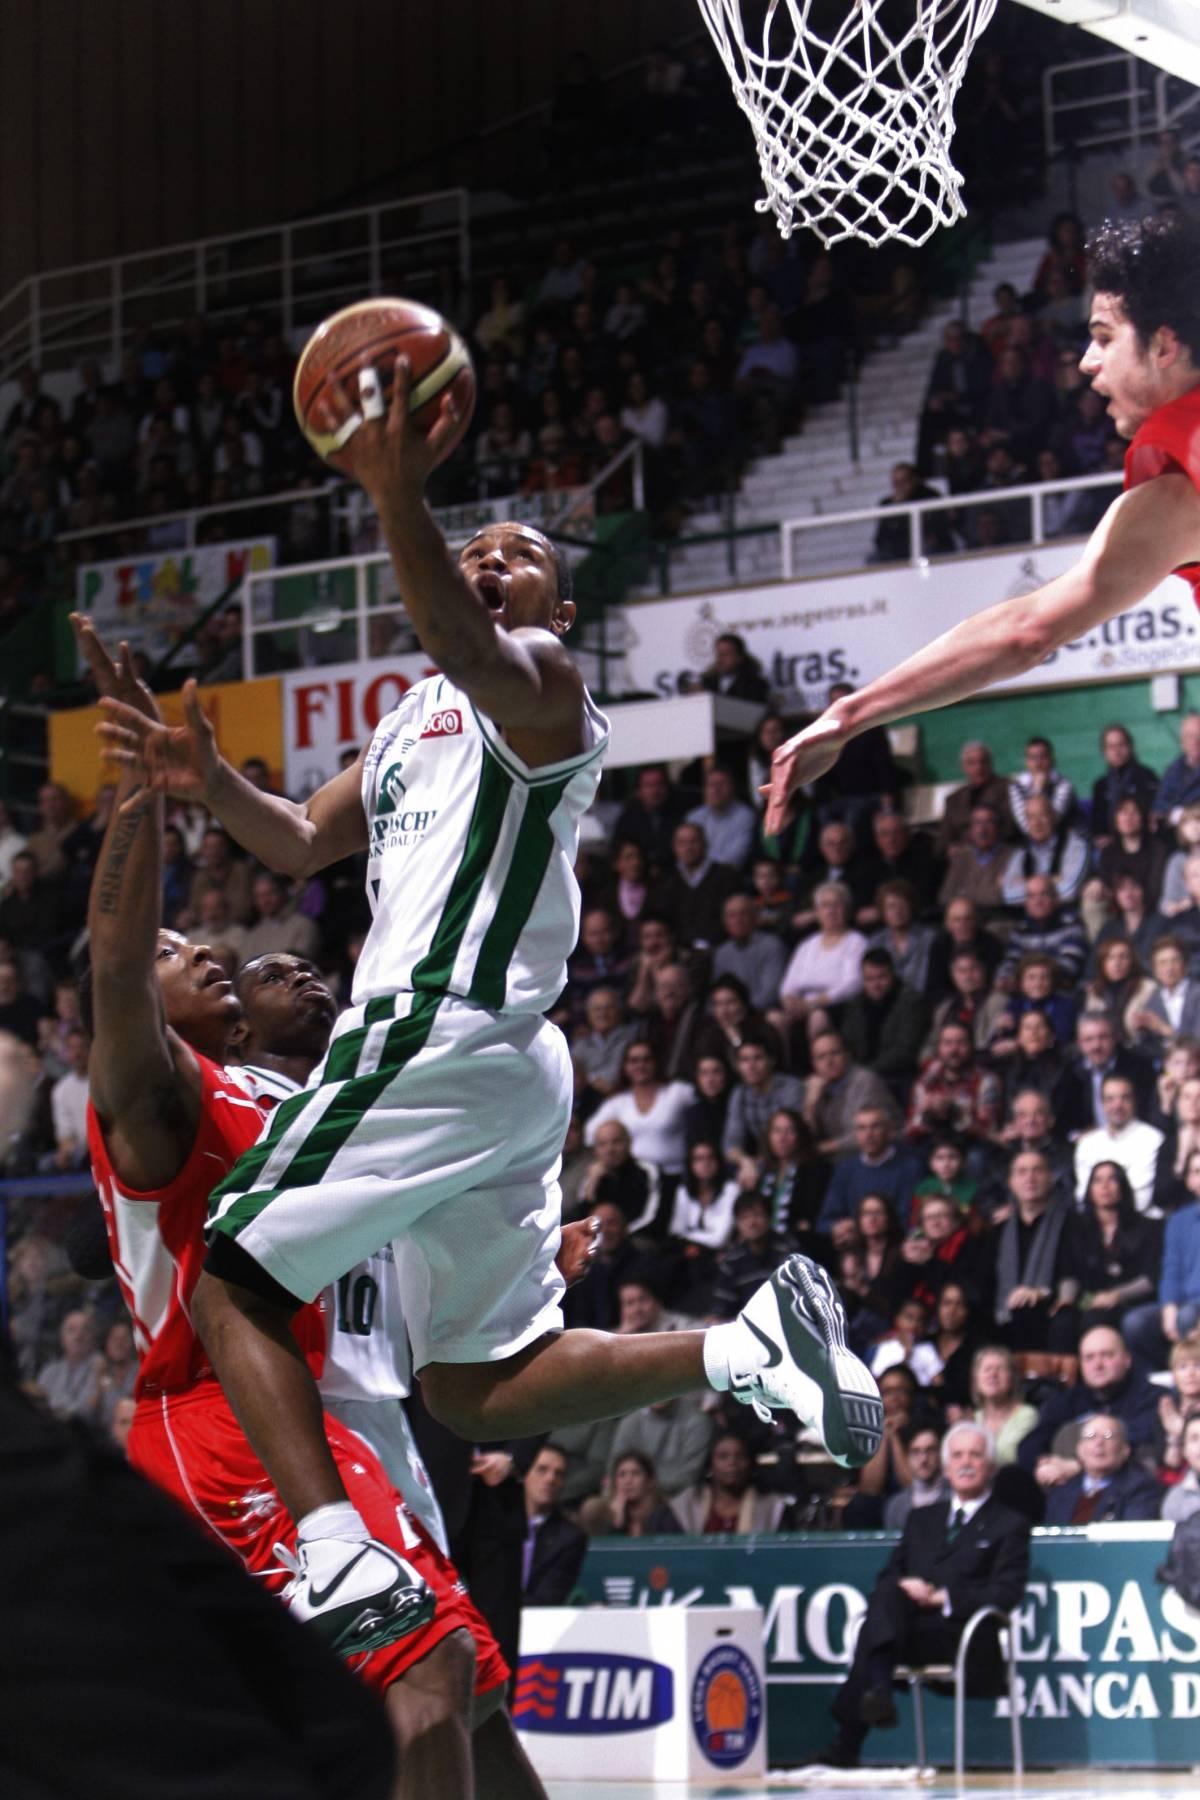 Basket, en-plein di Siena  Milano: no Coppa Italia